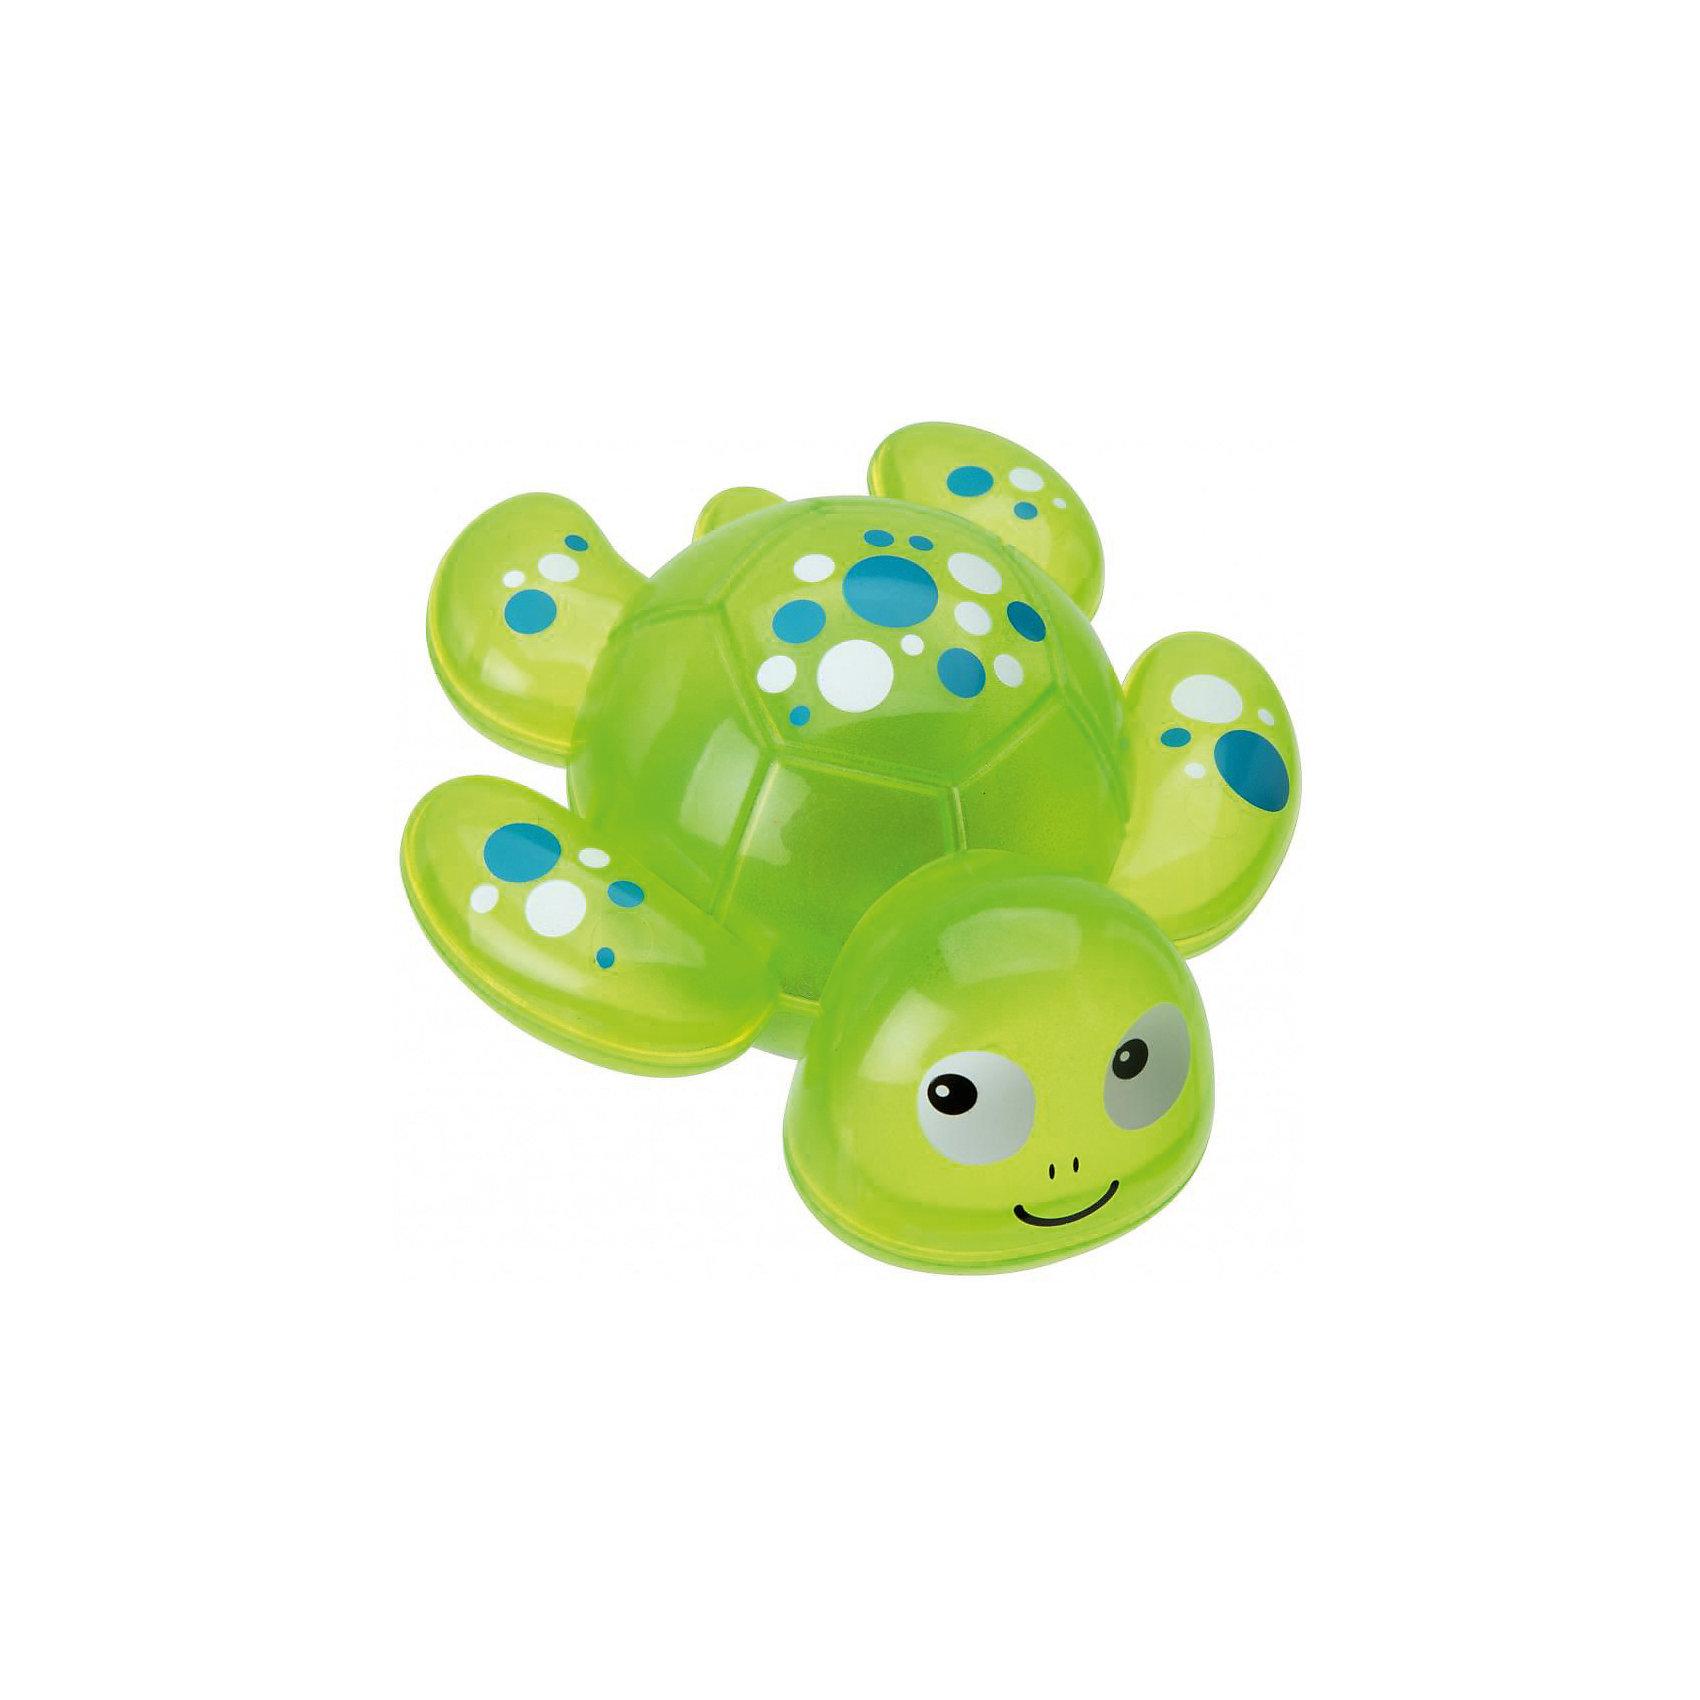 Игрушка для ванны Черепашка, ALEXИгрушка для ванны Черепашка, ALEX (АЛЕКС) - эта забавная игрушка развеселит вашего малыша во время купания.<br>Ярко-зеленая черепашка от ALEX (АЛЕКС) привлечет внимание вашего малыша и превратит купание в веселую игру! Игрушка хорошо держится на поверхности воды, не тонет, при контакте с водой светится и мигает. Развивает воображение, цветовосприятие, мелкую моторику, а также помогает ребенку справиться с боязнью воды.<br><br>Дополнительная информация:<br><br>- Материал: ПВХ<br>- Батарейки: 3 типа AG13/LR44 (входят в комплект)<br>- Размер упаковки: 15x7х17,5 см.<br><br>Игрушку для ванны Черепашка, ALEX (АЛЕКС) можно купить в нашем интернет-магазине.<br><br>Ширина мм: 150<br>Глубина мм: 70<br>Высота мм: 180<br>Вес г: 230<br>Возраст от месяцев: 36<br>Возраст до месяцев: 84<br>Пол: Унисекс<br>Возраст: Детский<br>SKU: 4771345